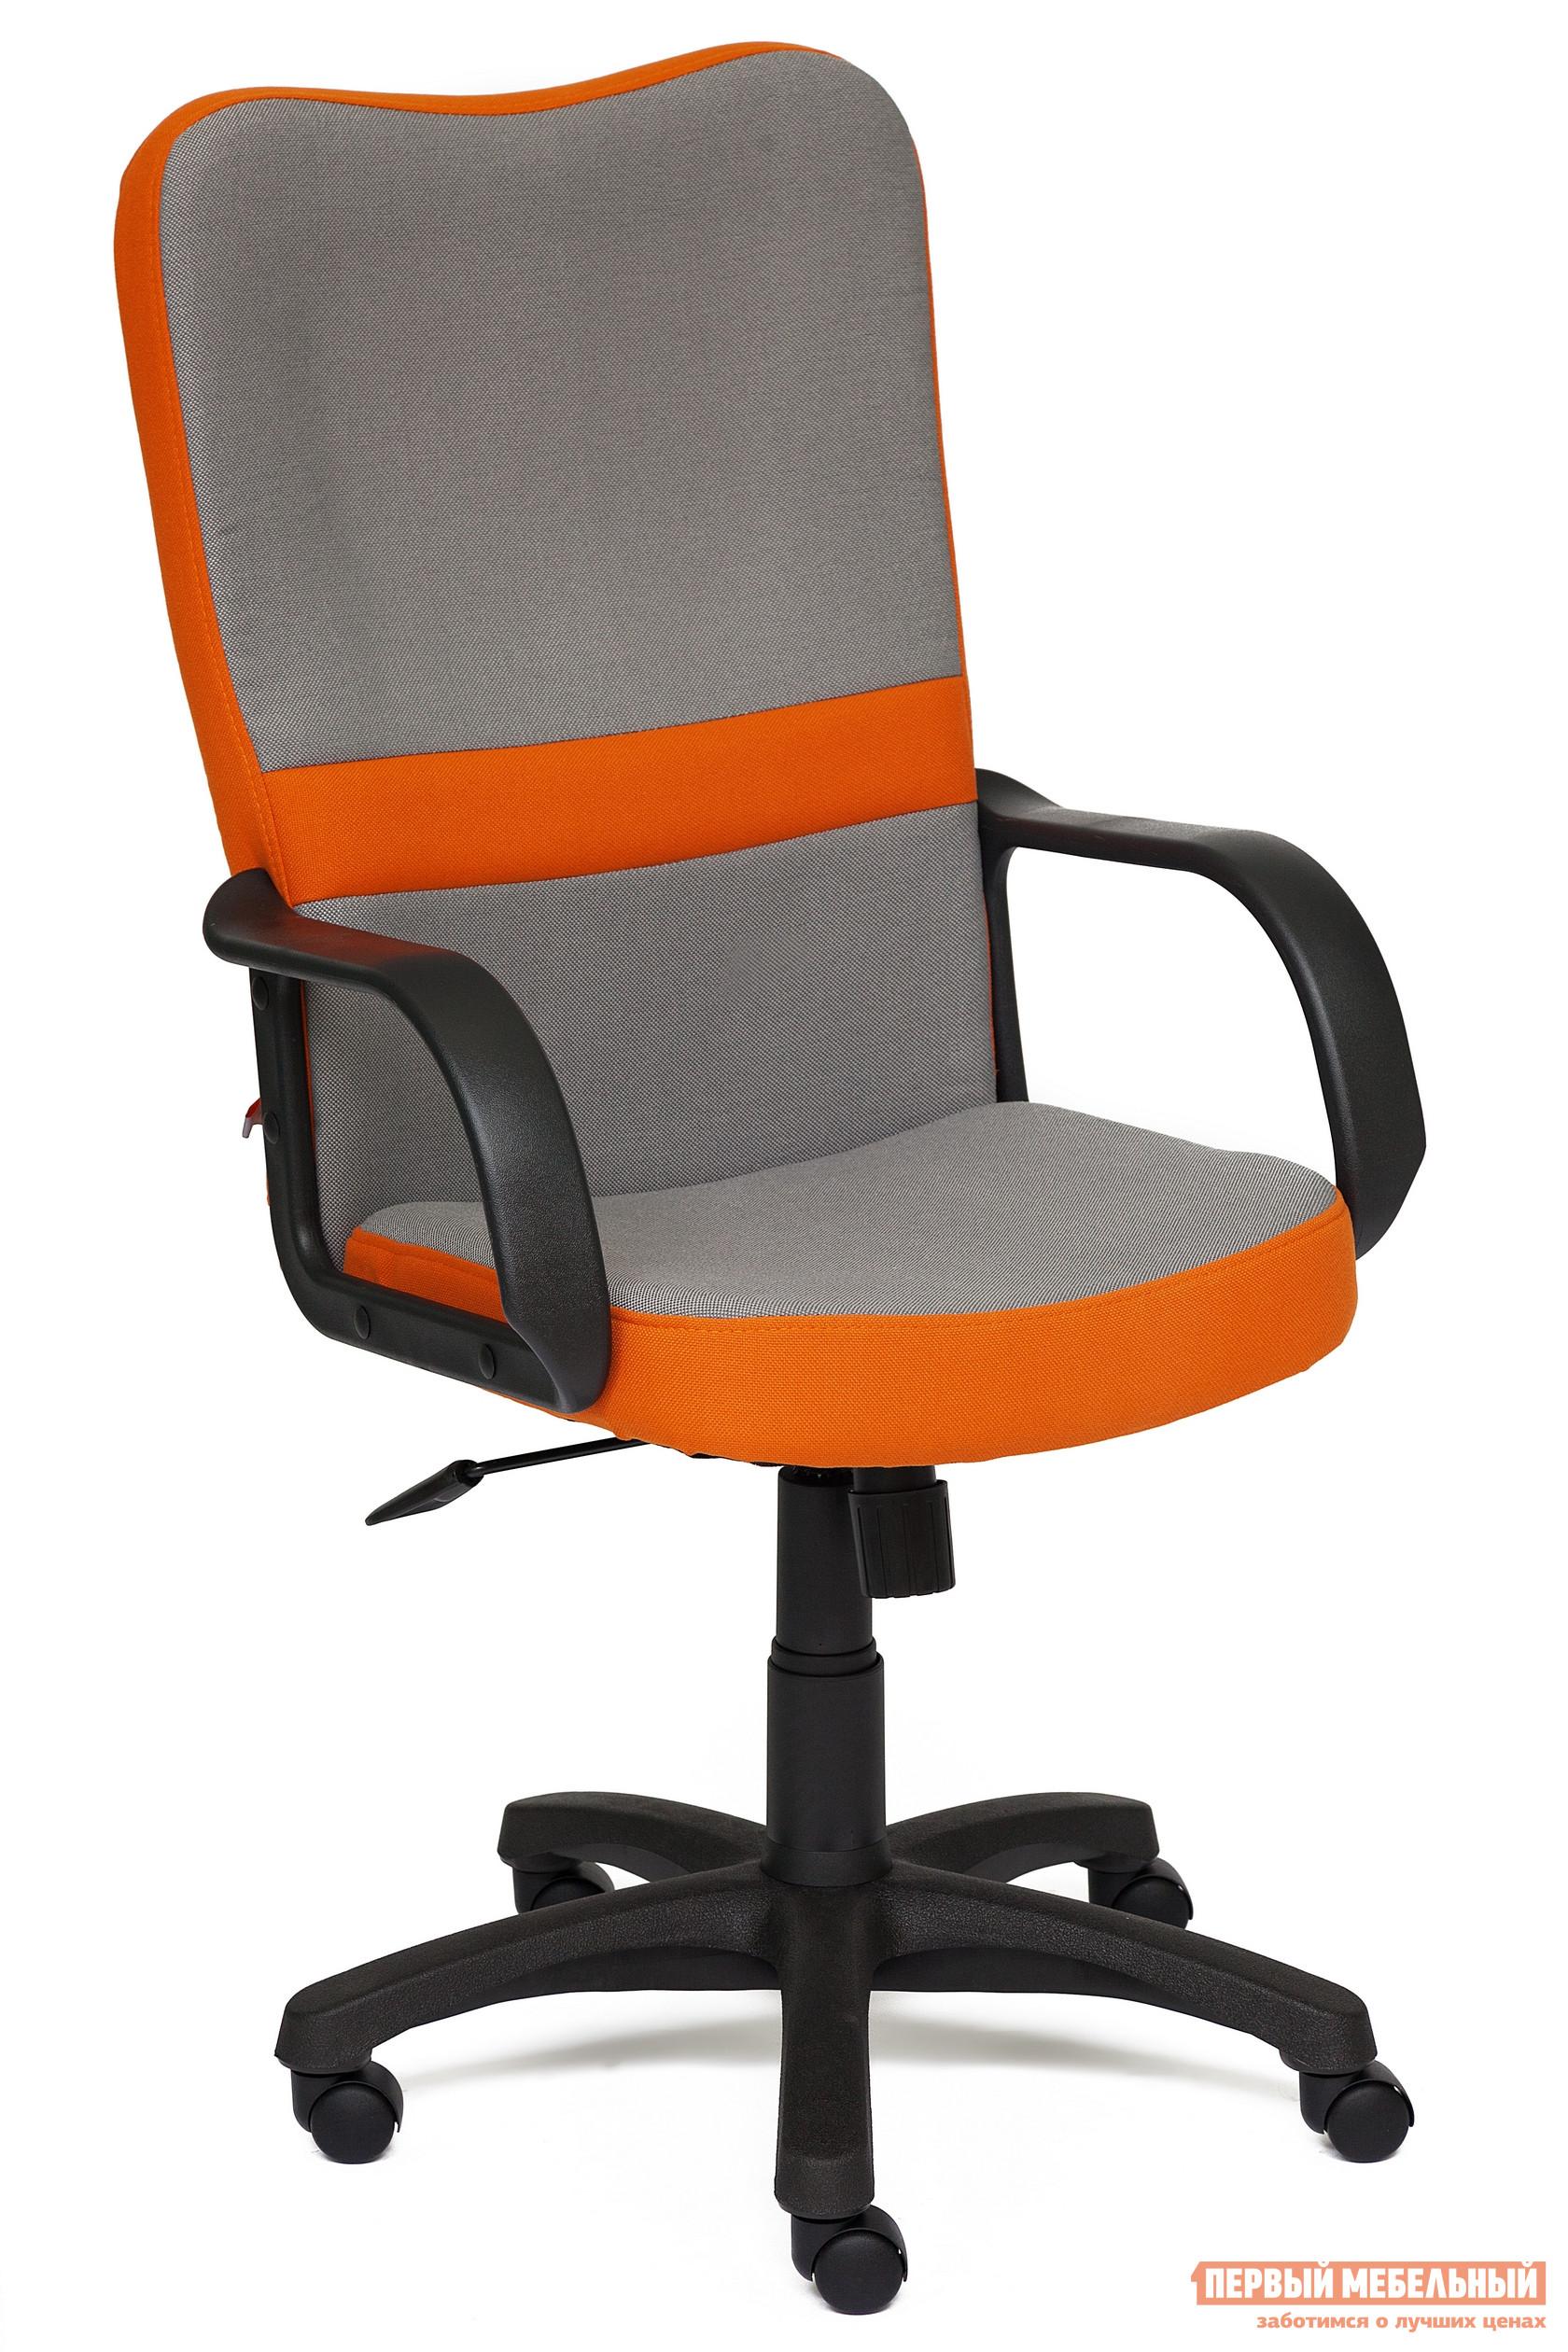 Кресло руководителя  CH757 Ткань серая/оранжевая, С27/С23